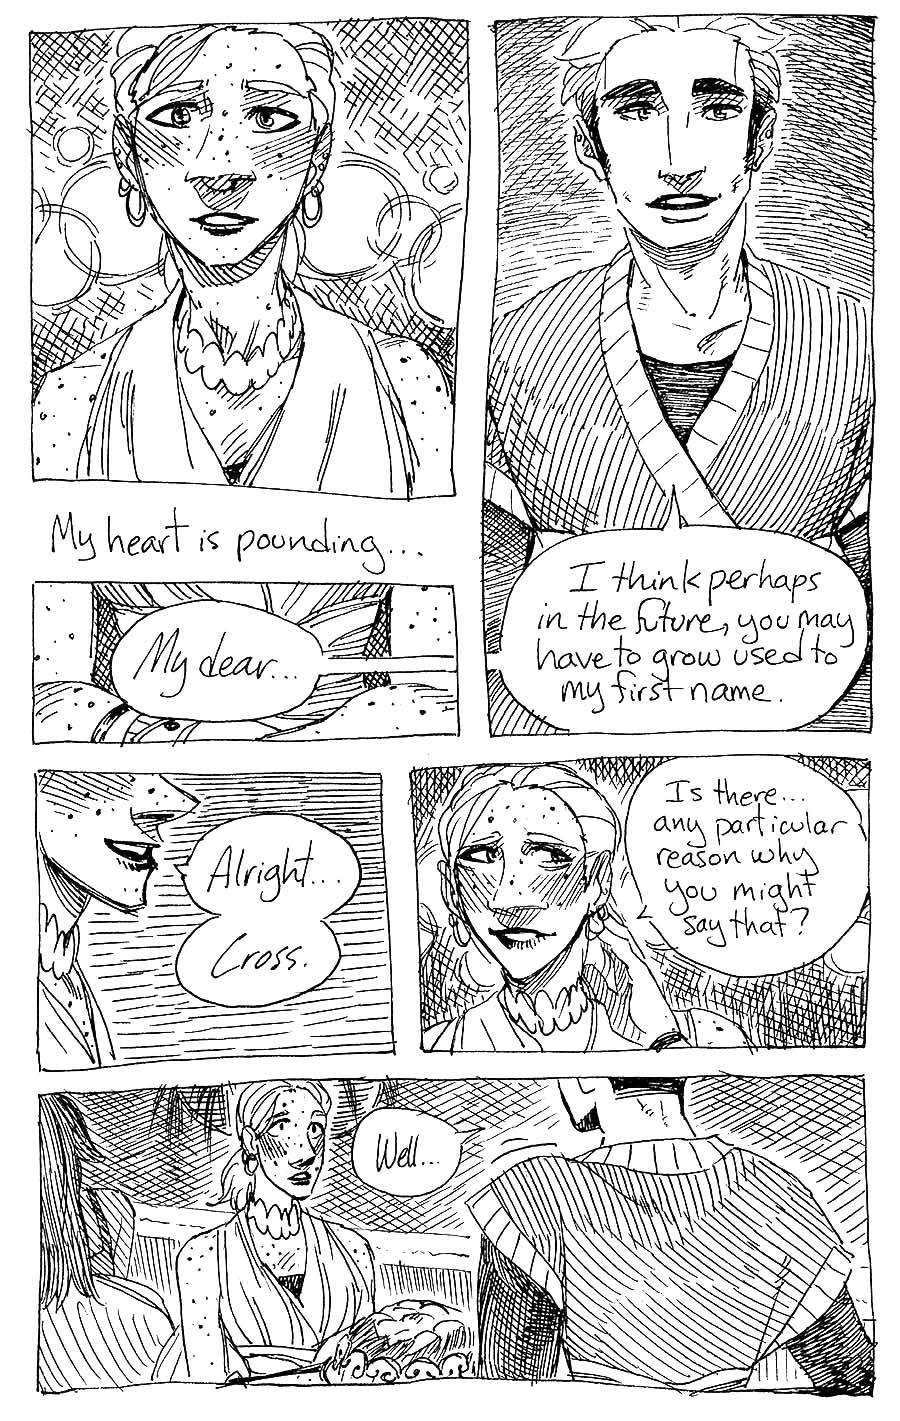 as shoujo manga as this gets.